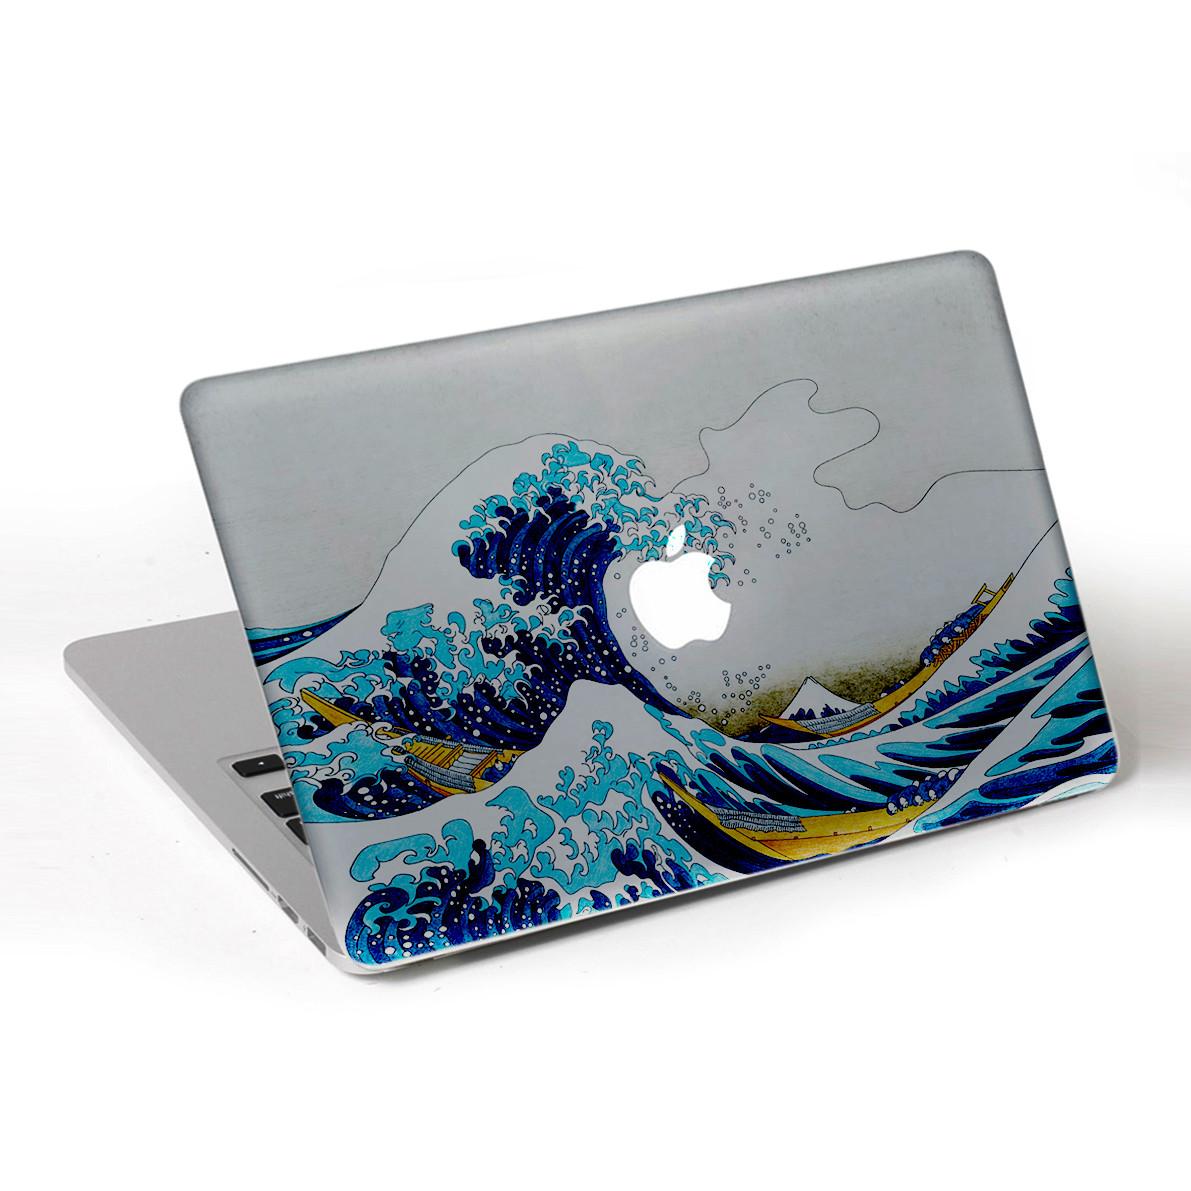 Miếng Dán Trang Trí Dành Cho Macbook Mac - 157 - 16154811 , 8207165071100 , 62_22442324 , 150000 , Mieng-Dan-Trang-Tri-Danh-Cho-Macbook-Mac-157-62_22442324 , tiki.vn , Miếng Dán Trang Trí Dành Cho Macbook Mac - 157